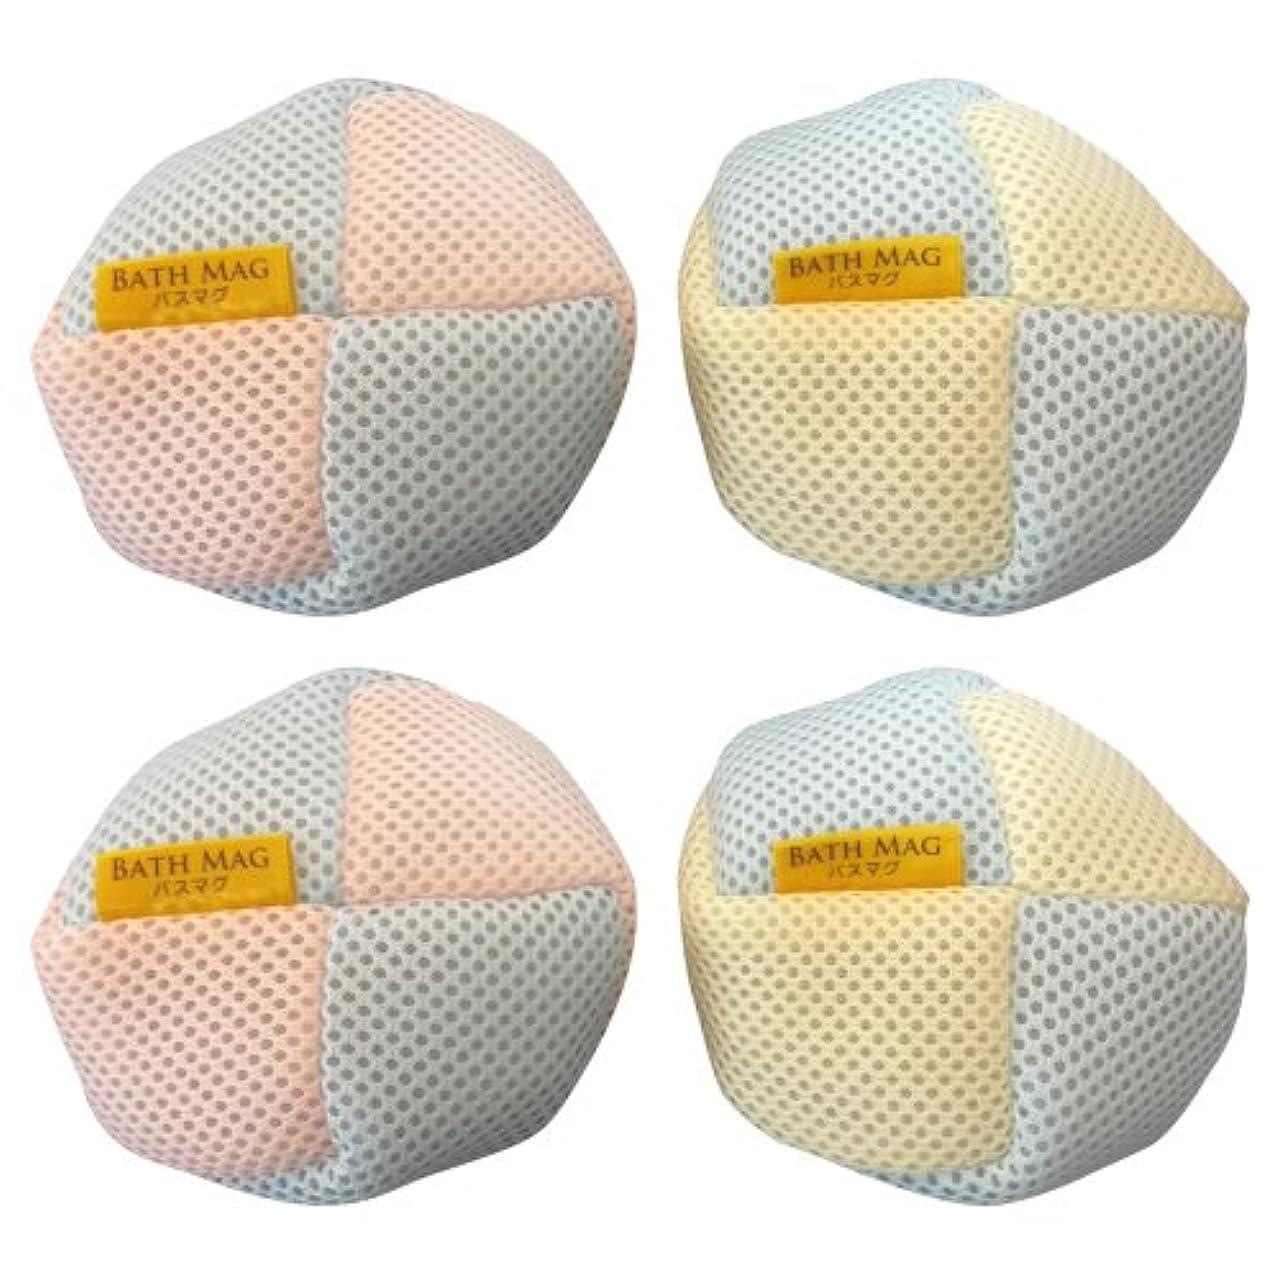 カカドゥゴルフ丈夫BATH MAG マグネシウムde水素浴(バスマグ)2個入り×2箱セット(計4個)